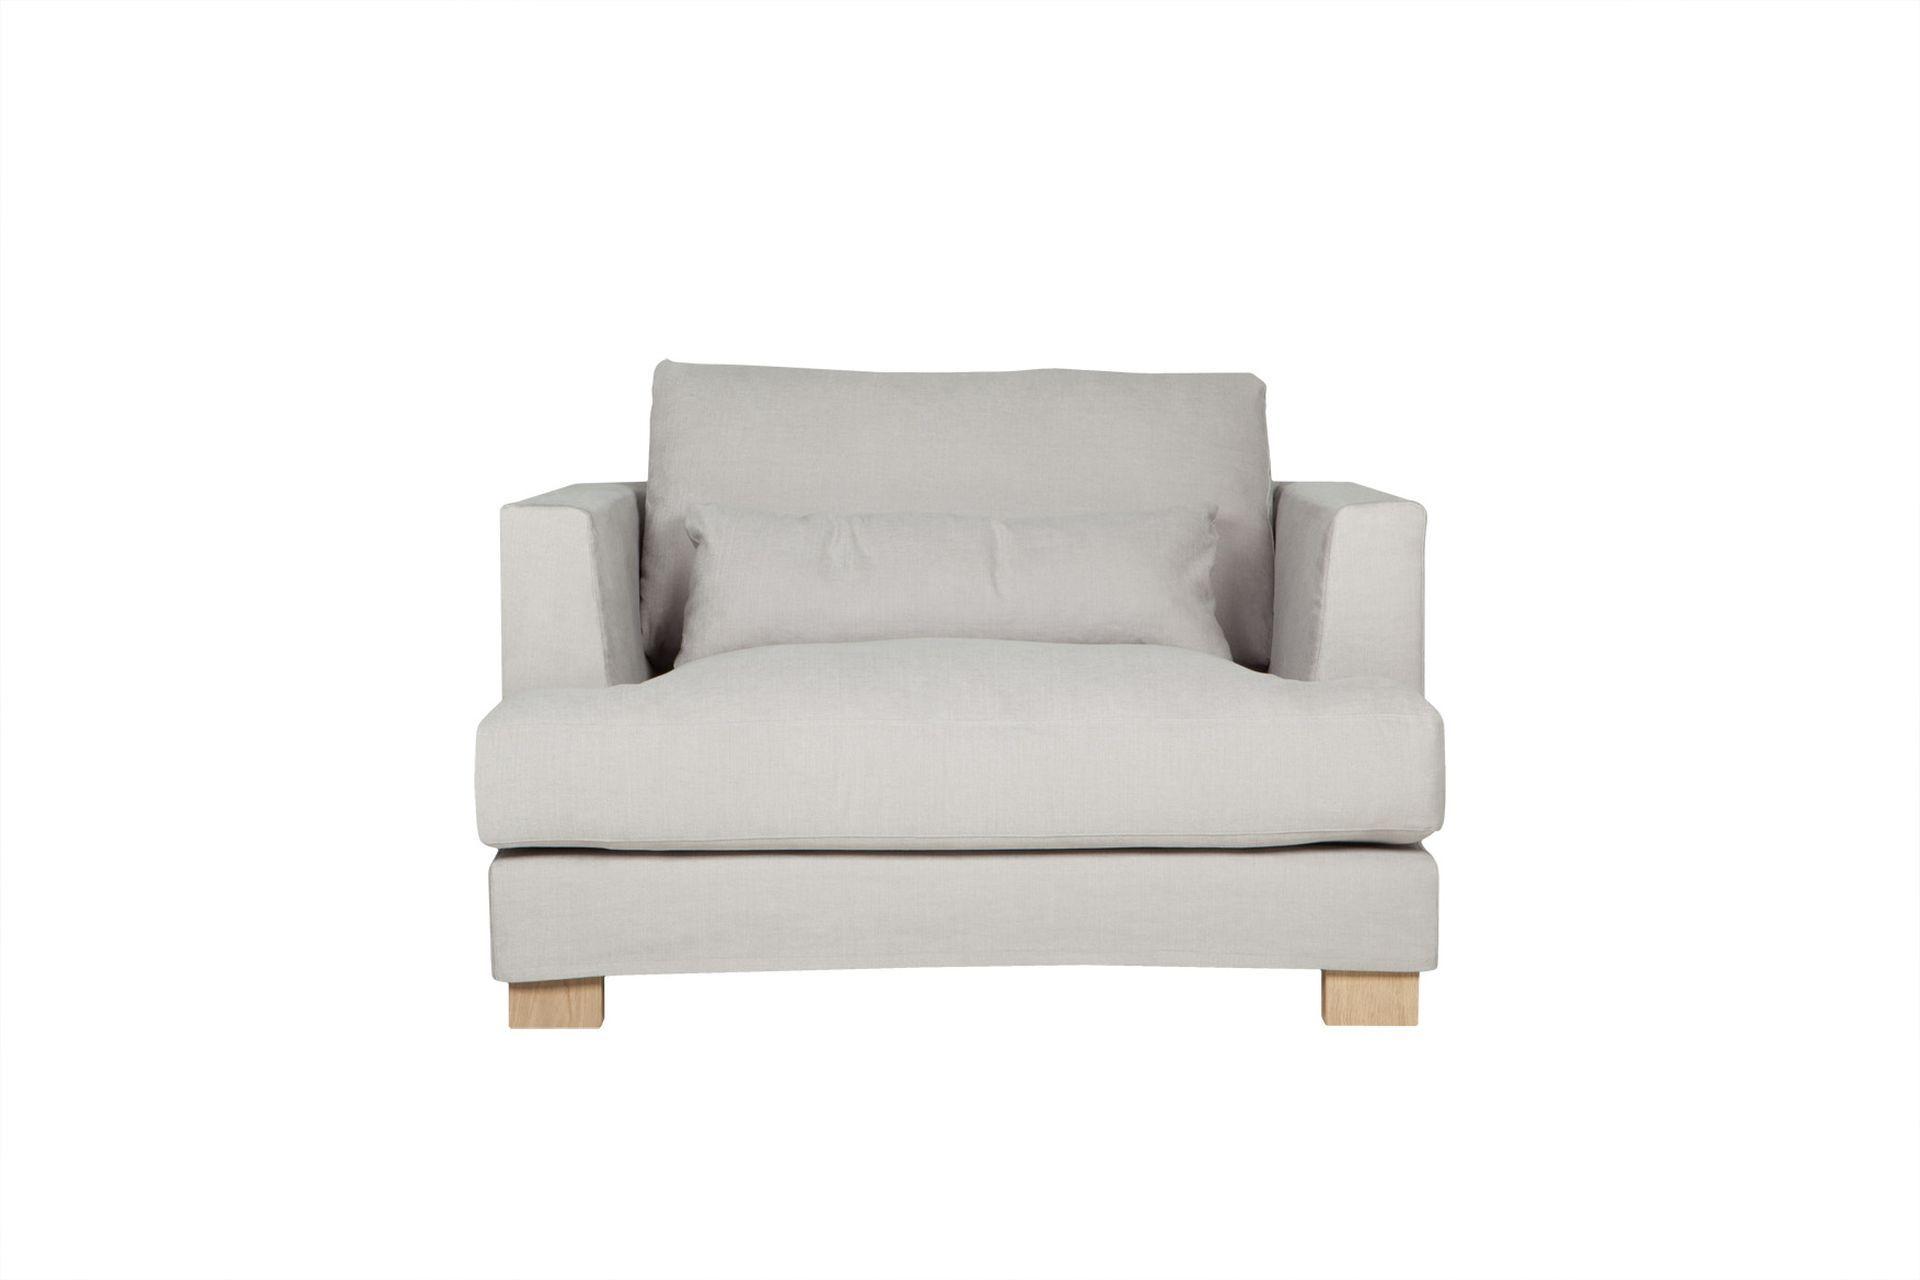 """Купить Кресло """"brandon"""" (Sits) серый текстиль 120x83x108 см. 85021 в интернет магазине. Цены, фото, описания, характеристики, отзывы, обзоры"""